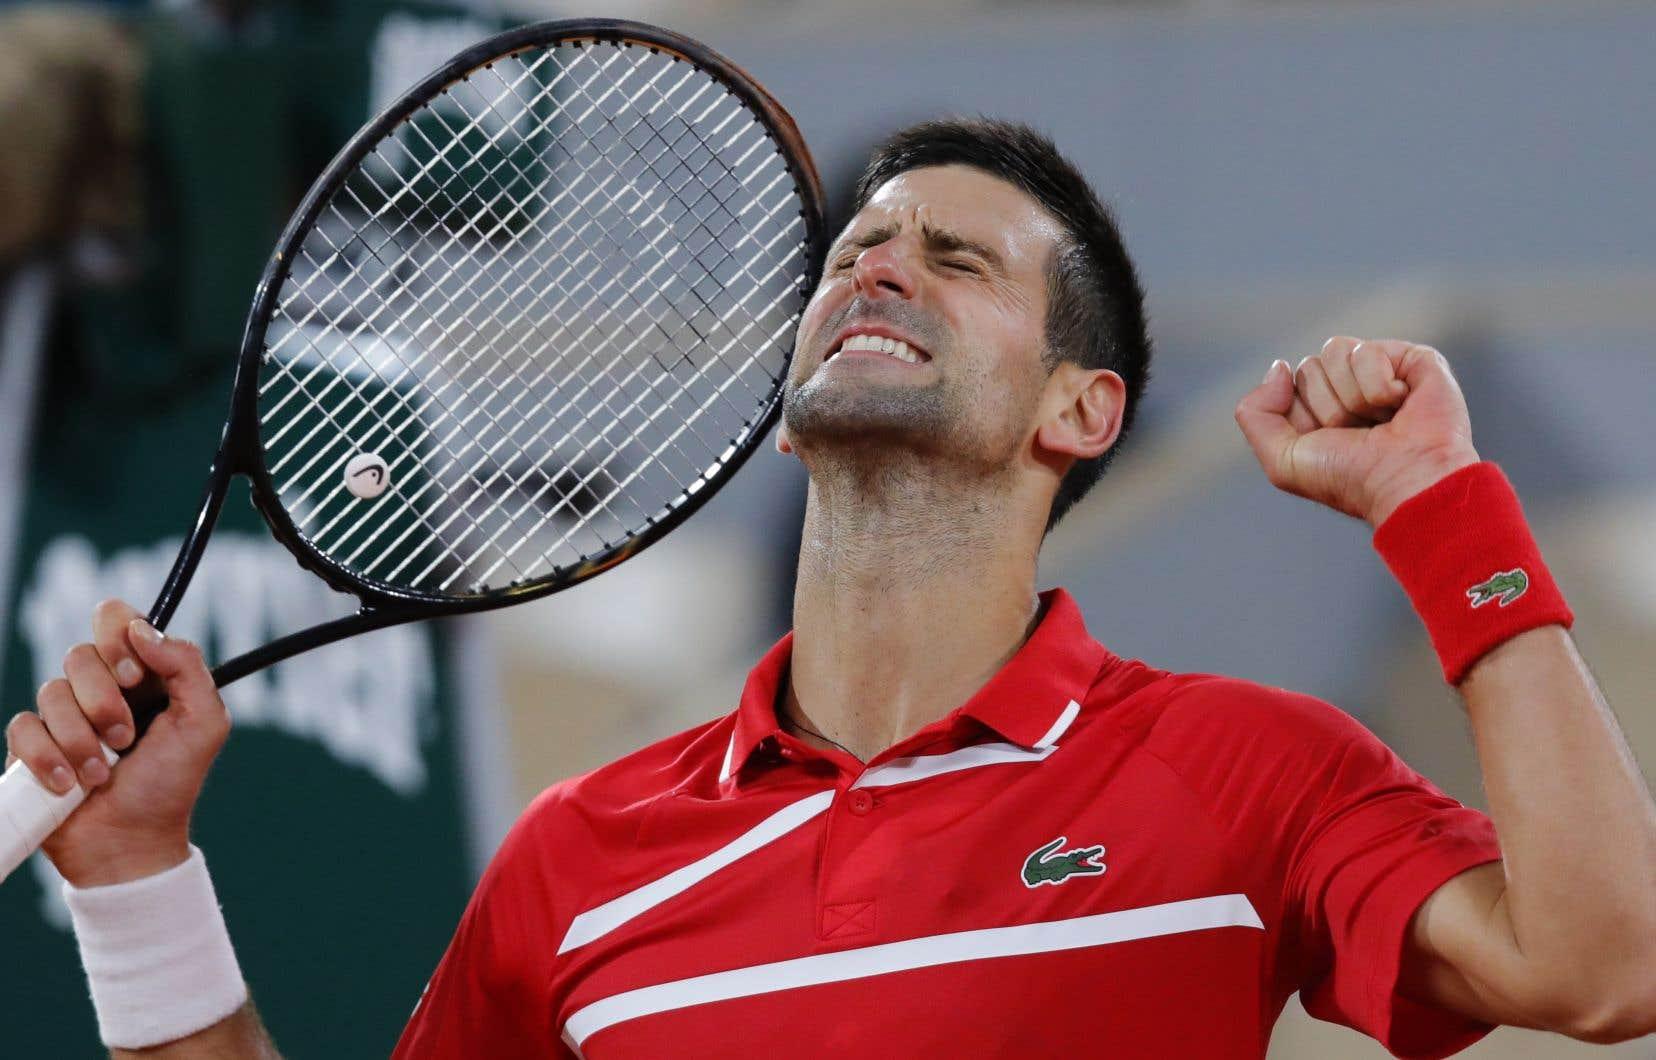 «Je n'ai pas perdu de manche jusqu'en quarts de finale, c'est bien. Je me sens bien sur le court et… on y va!», s'est réjoui Djokovic.